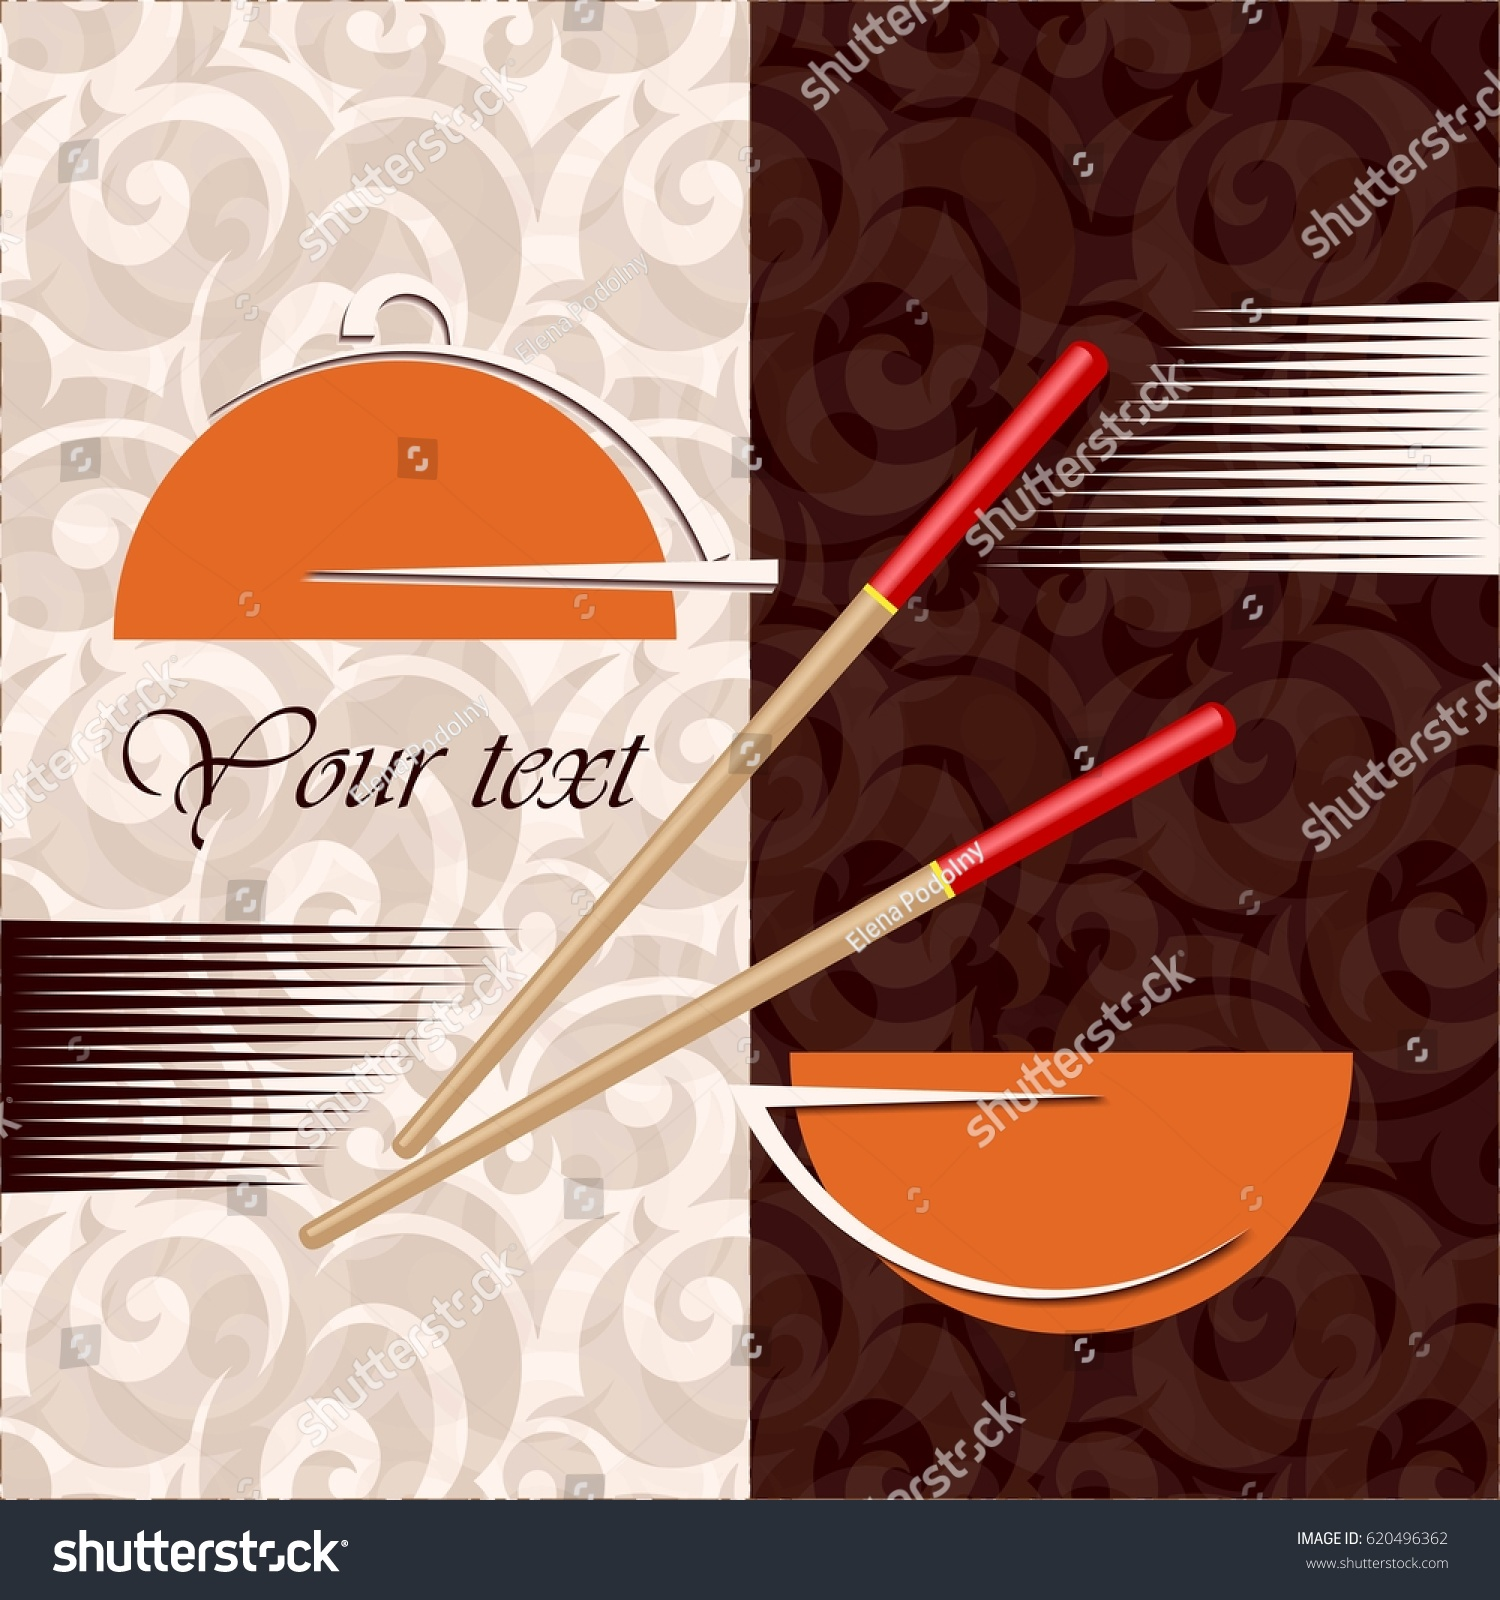 https www shutterstock com image vector creative concept asian restaurant cafe chopsticks 620496362